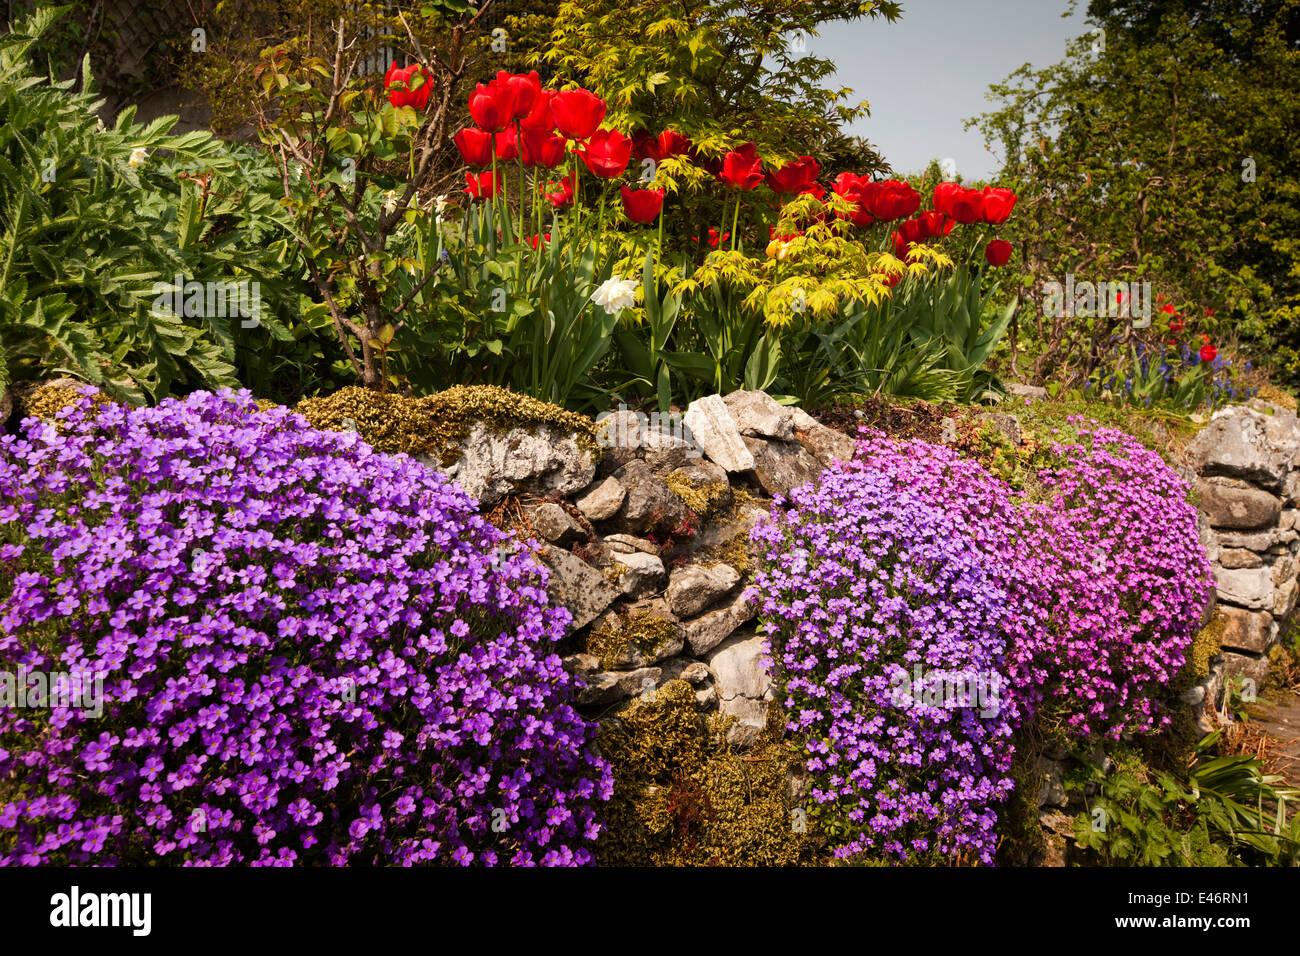 UK, Derbyshire, Peak District, Bakewell, bunte Aubretia Blumen in steil abfallenden Bauerngarten Stockbild